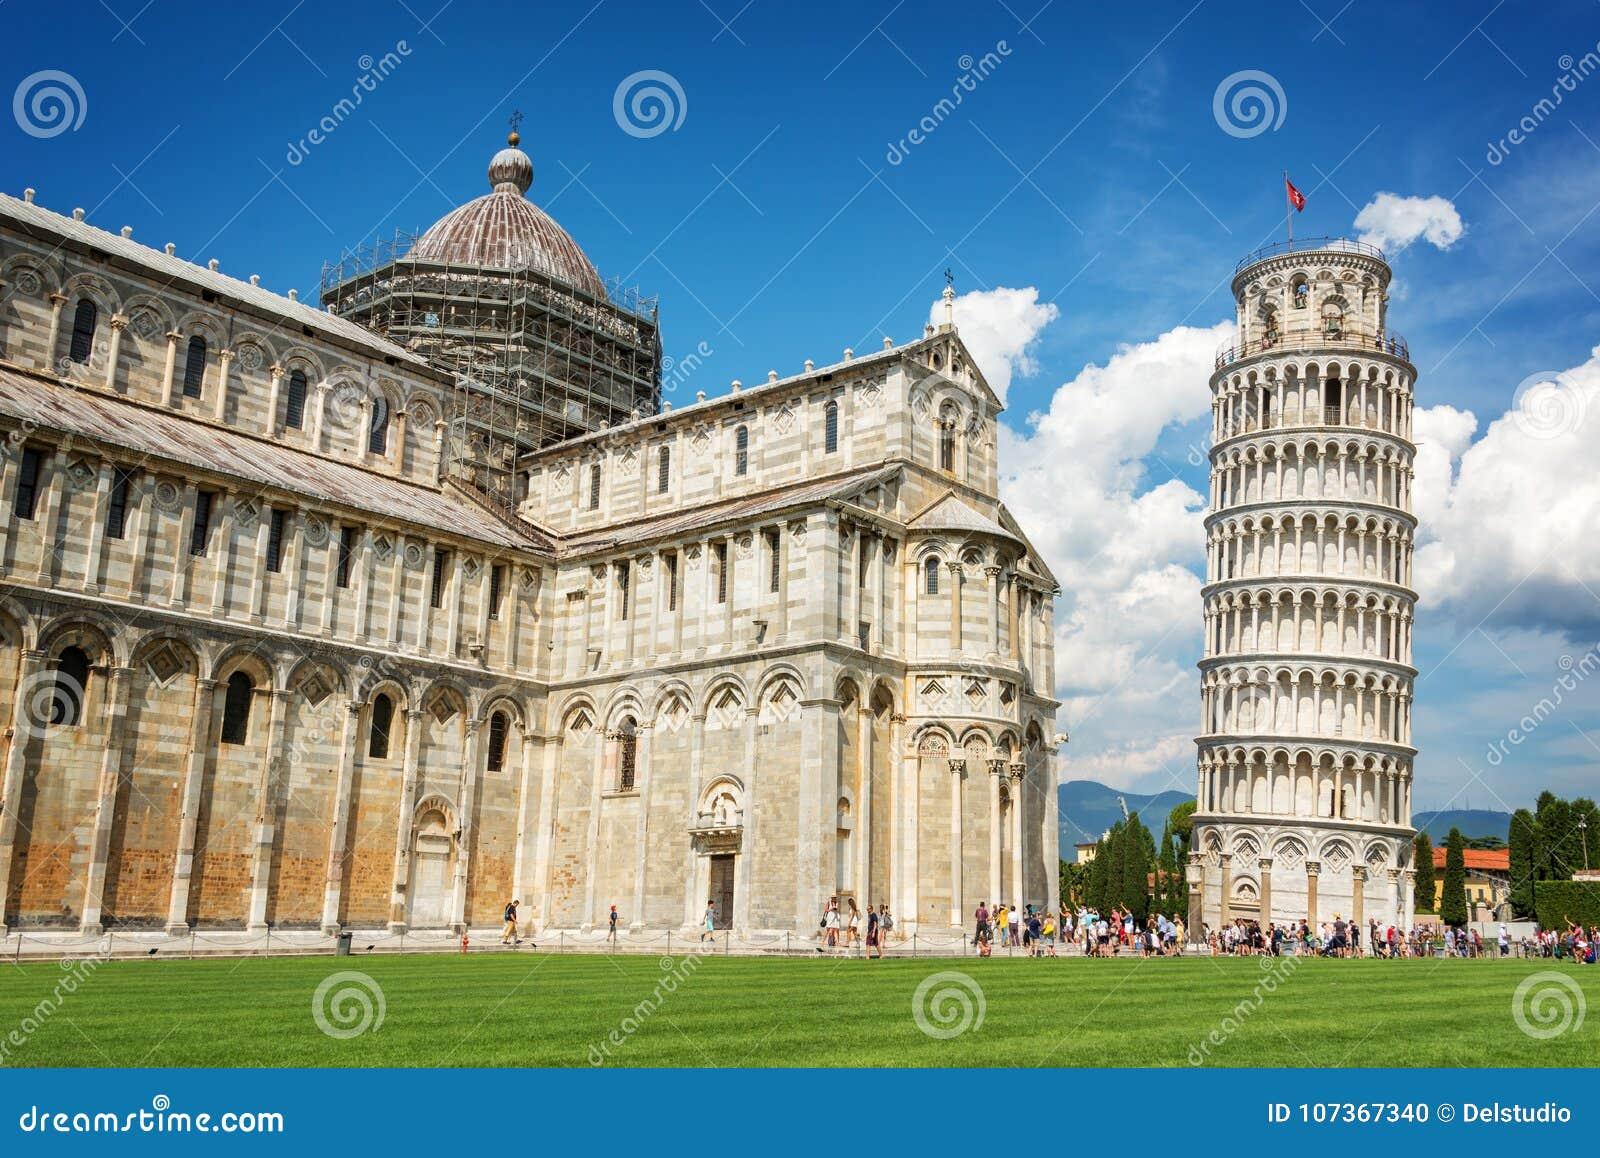 Κλίνοντας πύργος της Πίζας και ο καθεδρικός ναός Duomo στην Πίζα, Τοσκάνη Ιταλία